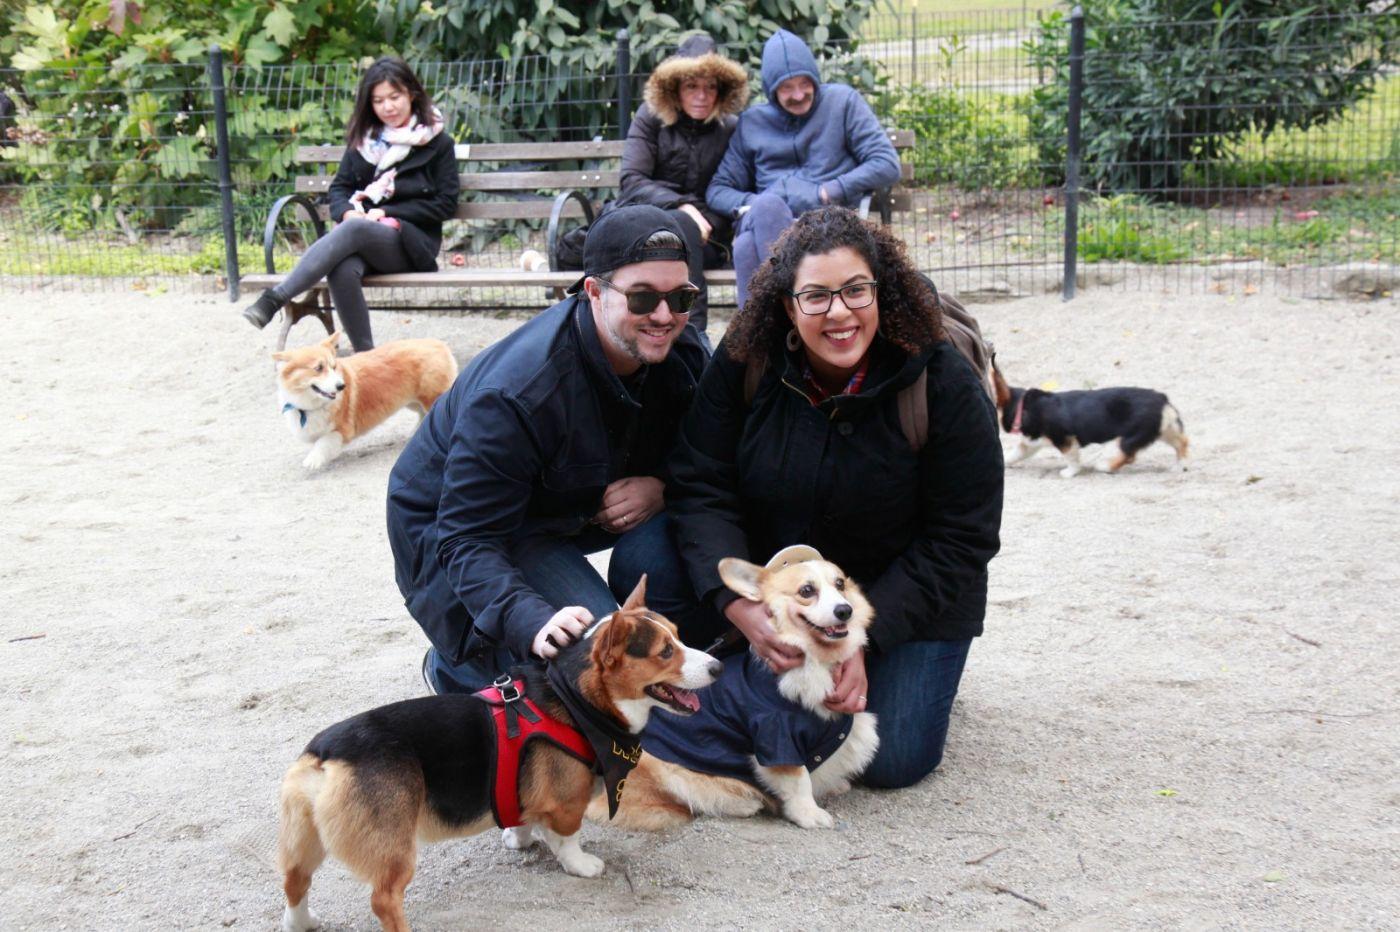 养狗爱好者带了爱犬欢聚一堂,相互交流_图1-2